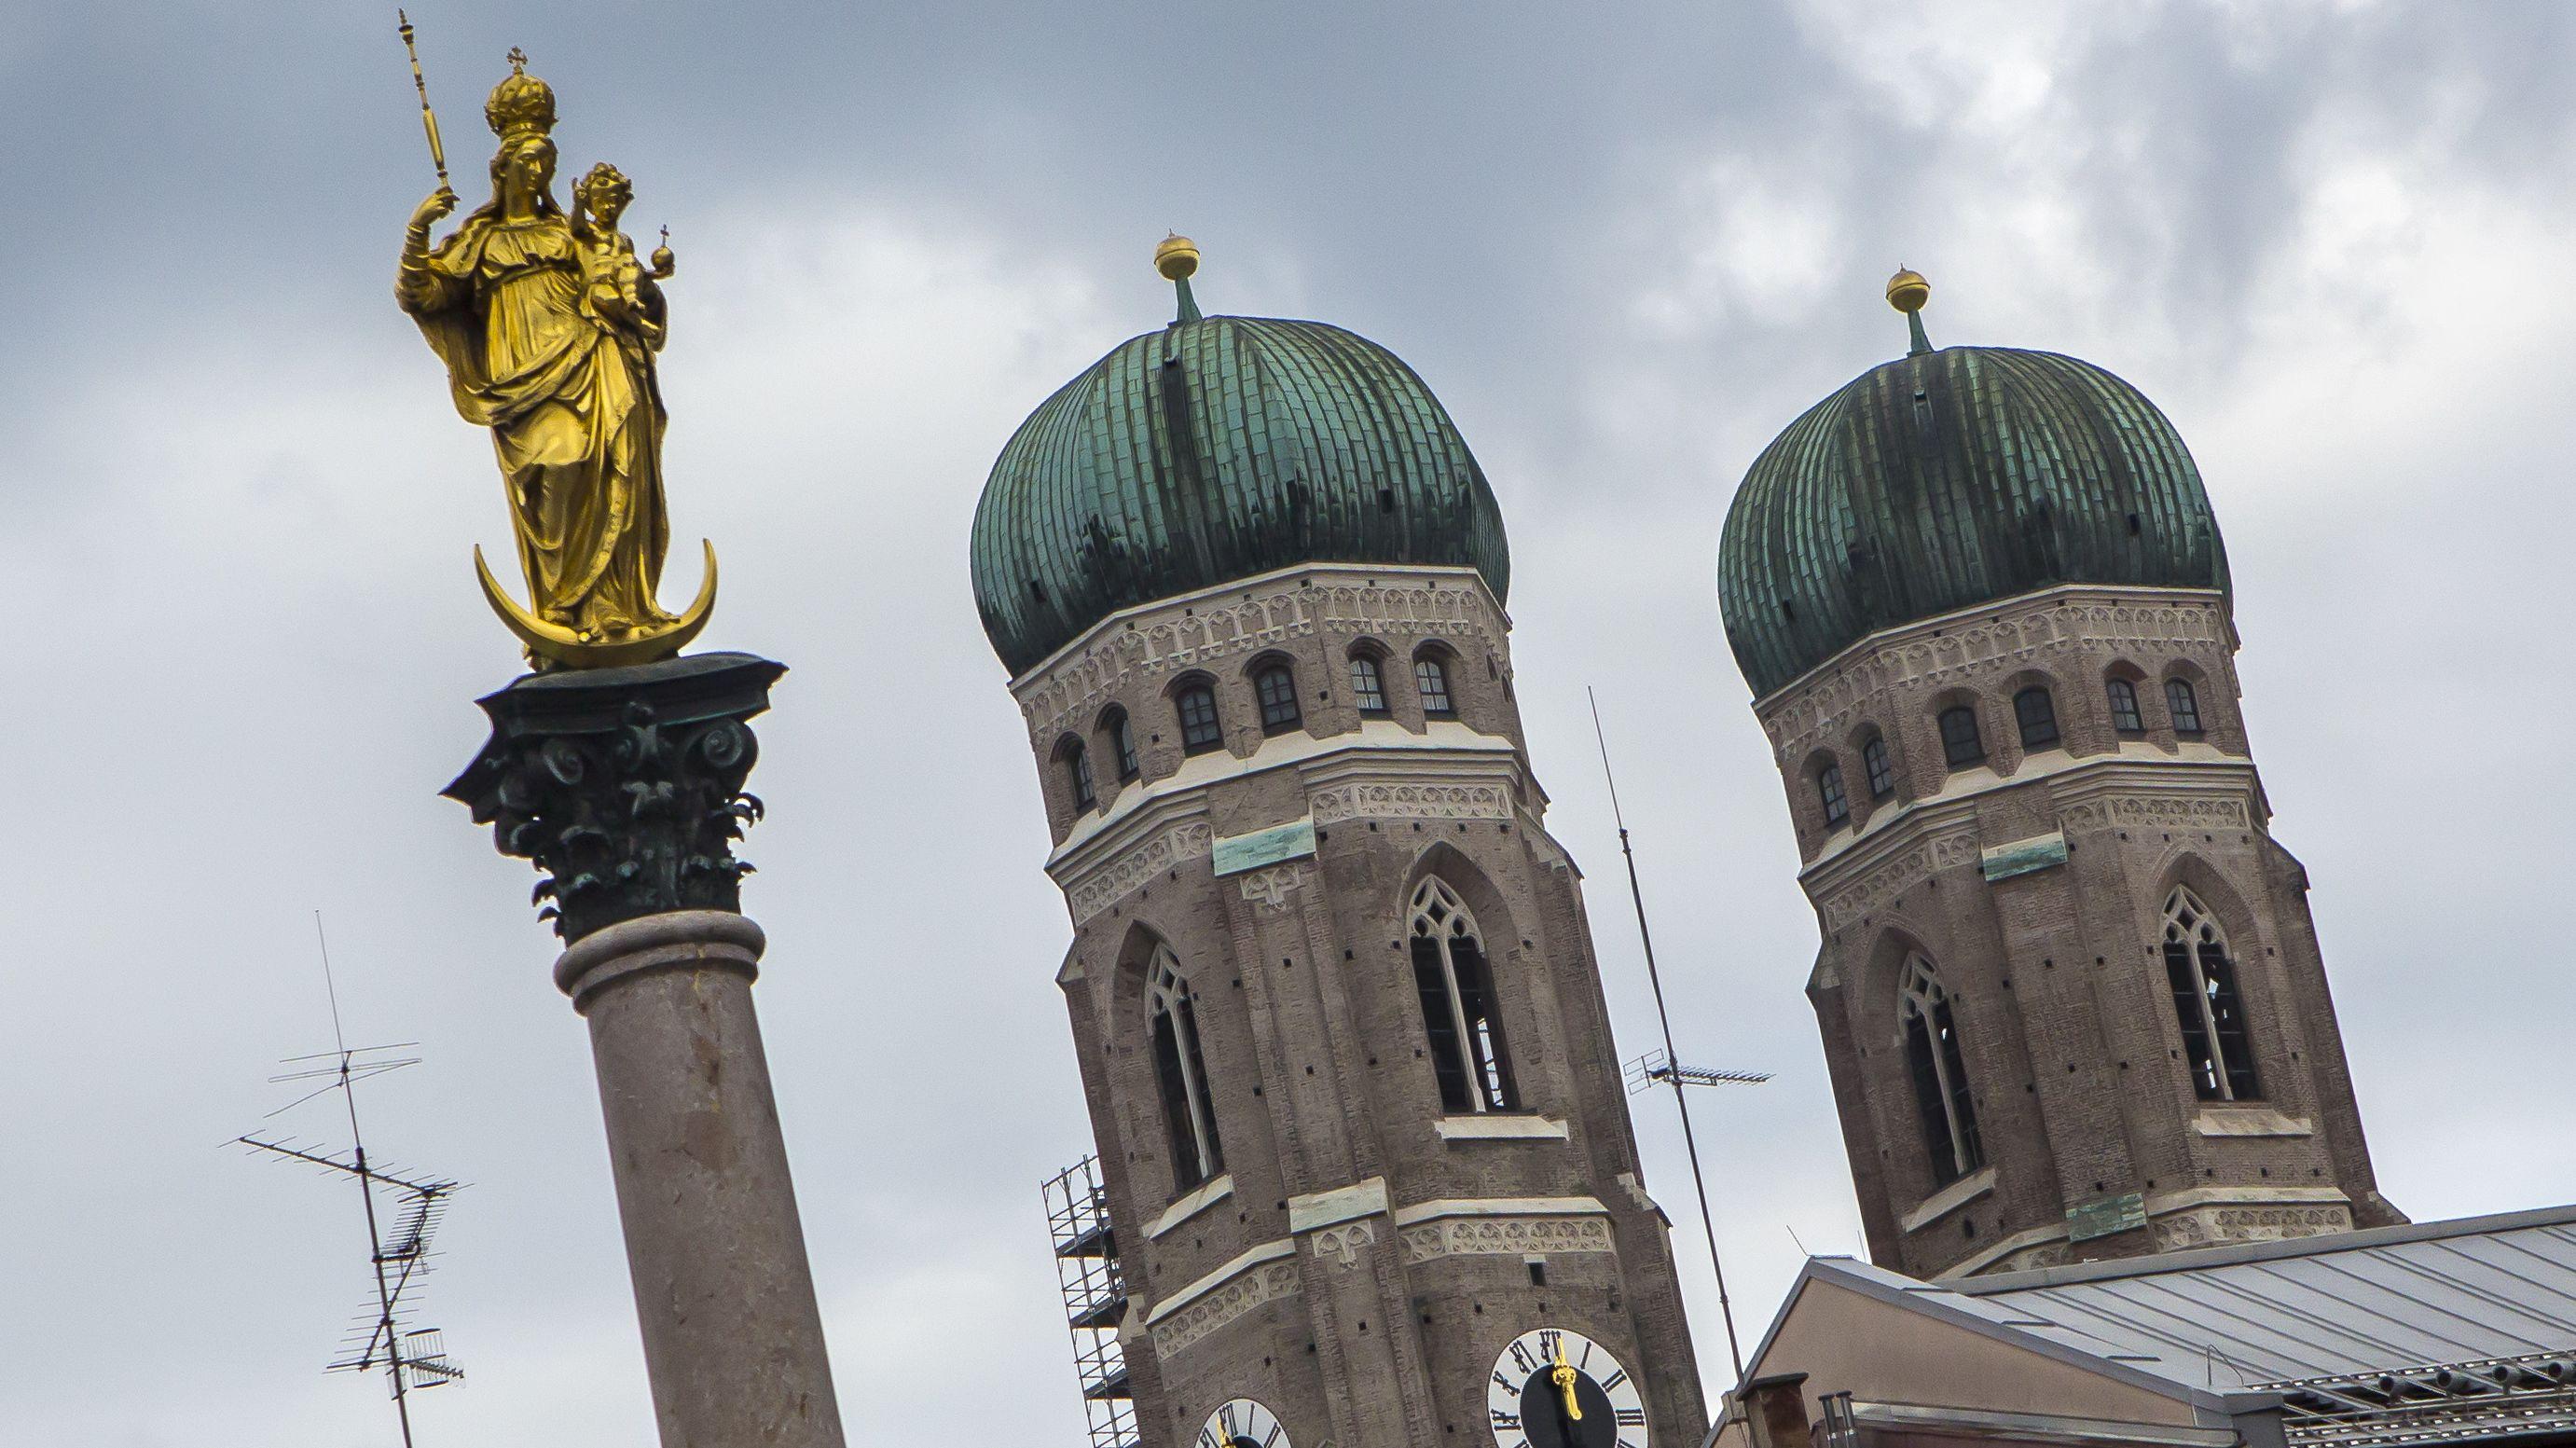 Türme der Münchner Frauenkirche mit Mariensäule im Vordergrund.